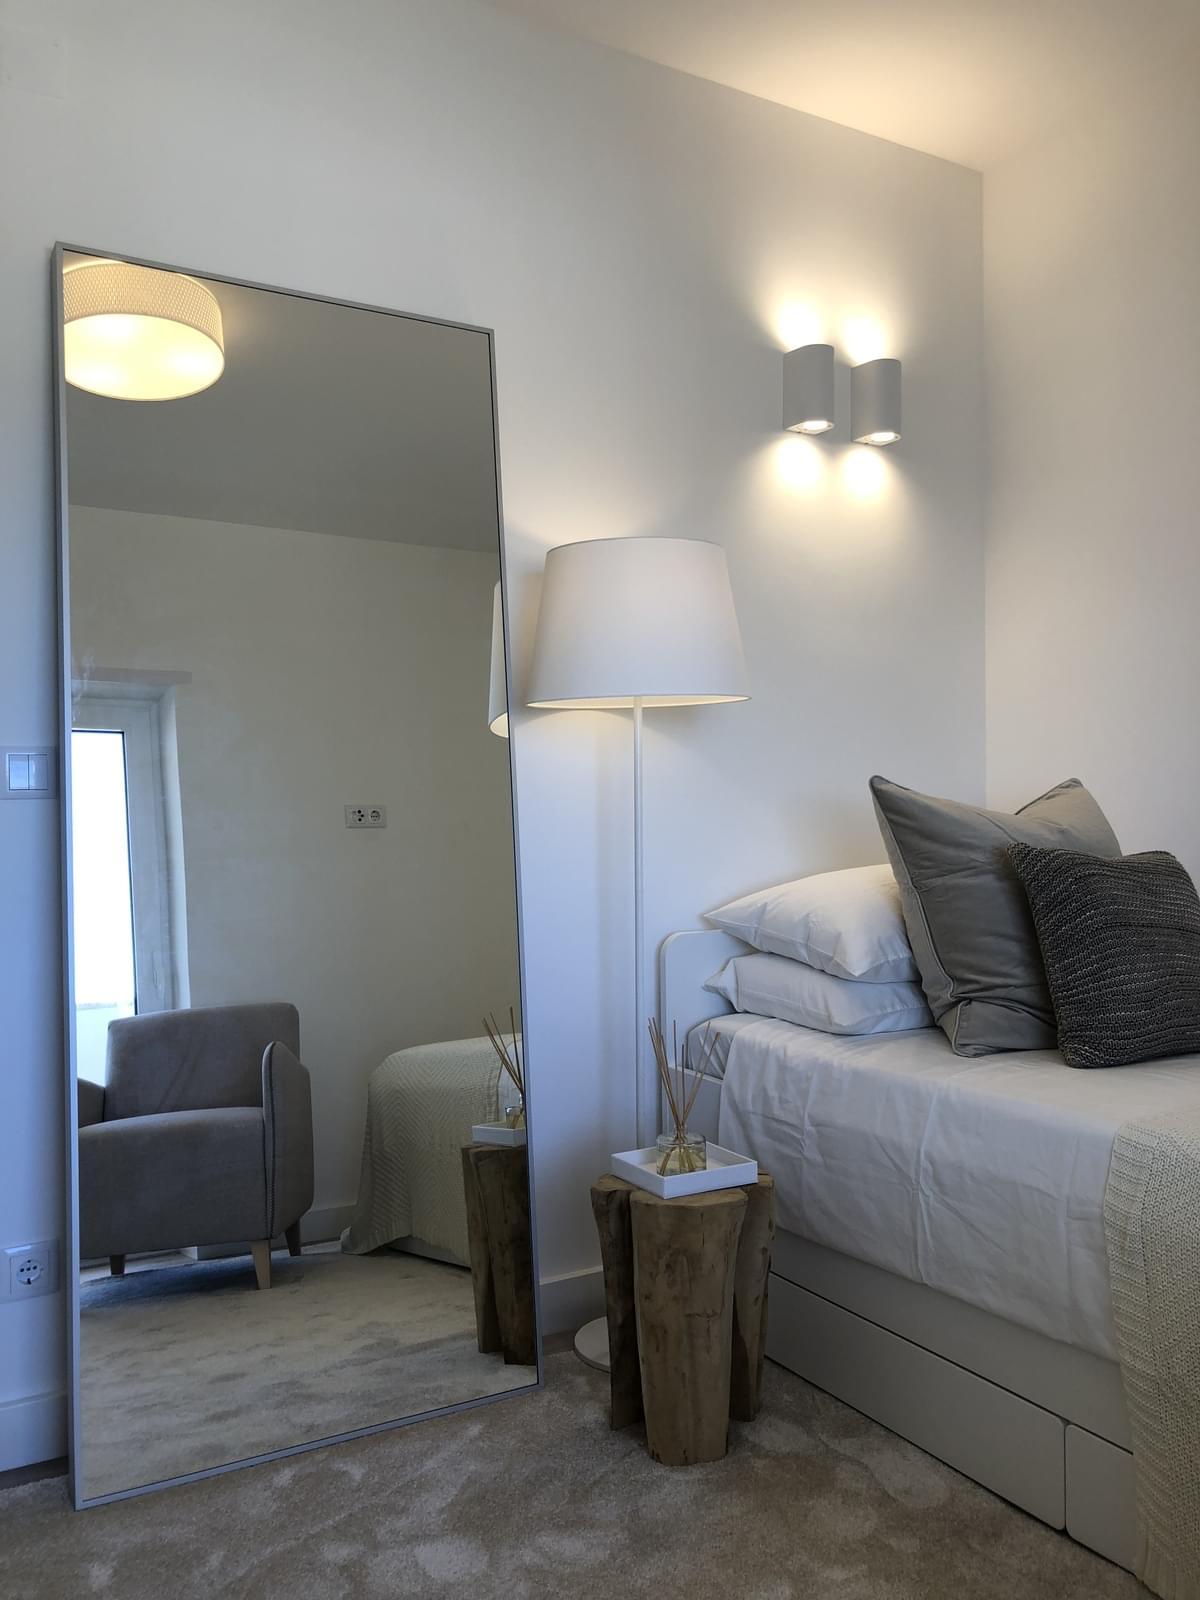 pf17249-apartamento-t2-almada-afb3b6fd-7446-459c-8b06-8dc2440aad02